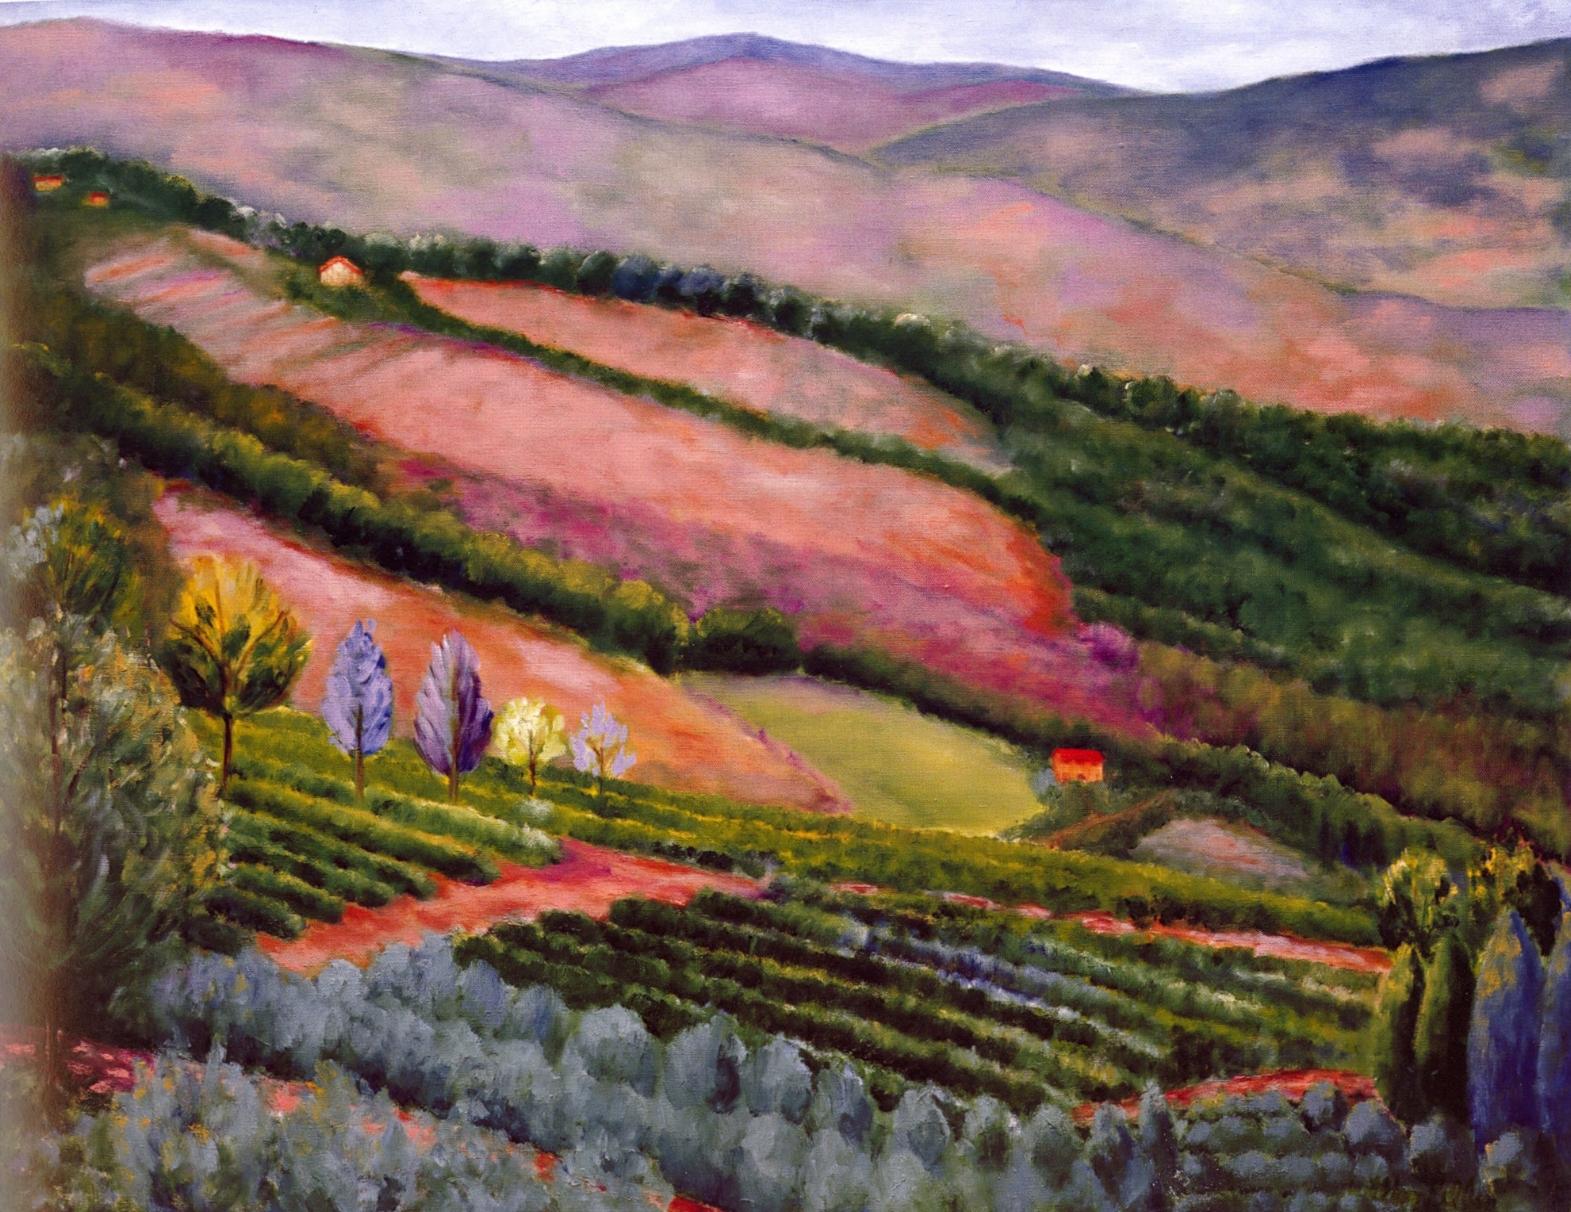 Panzano Valley, Chianti   Oil on canvas, 62'' x 78'', 2004